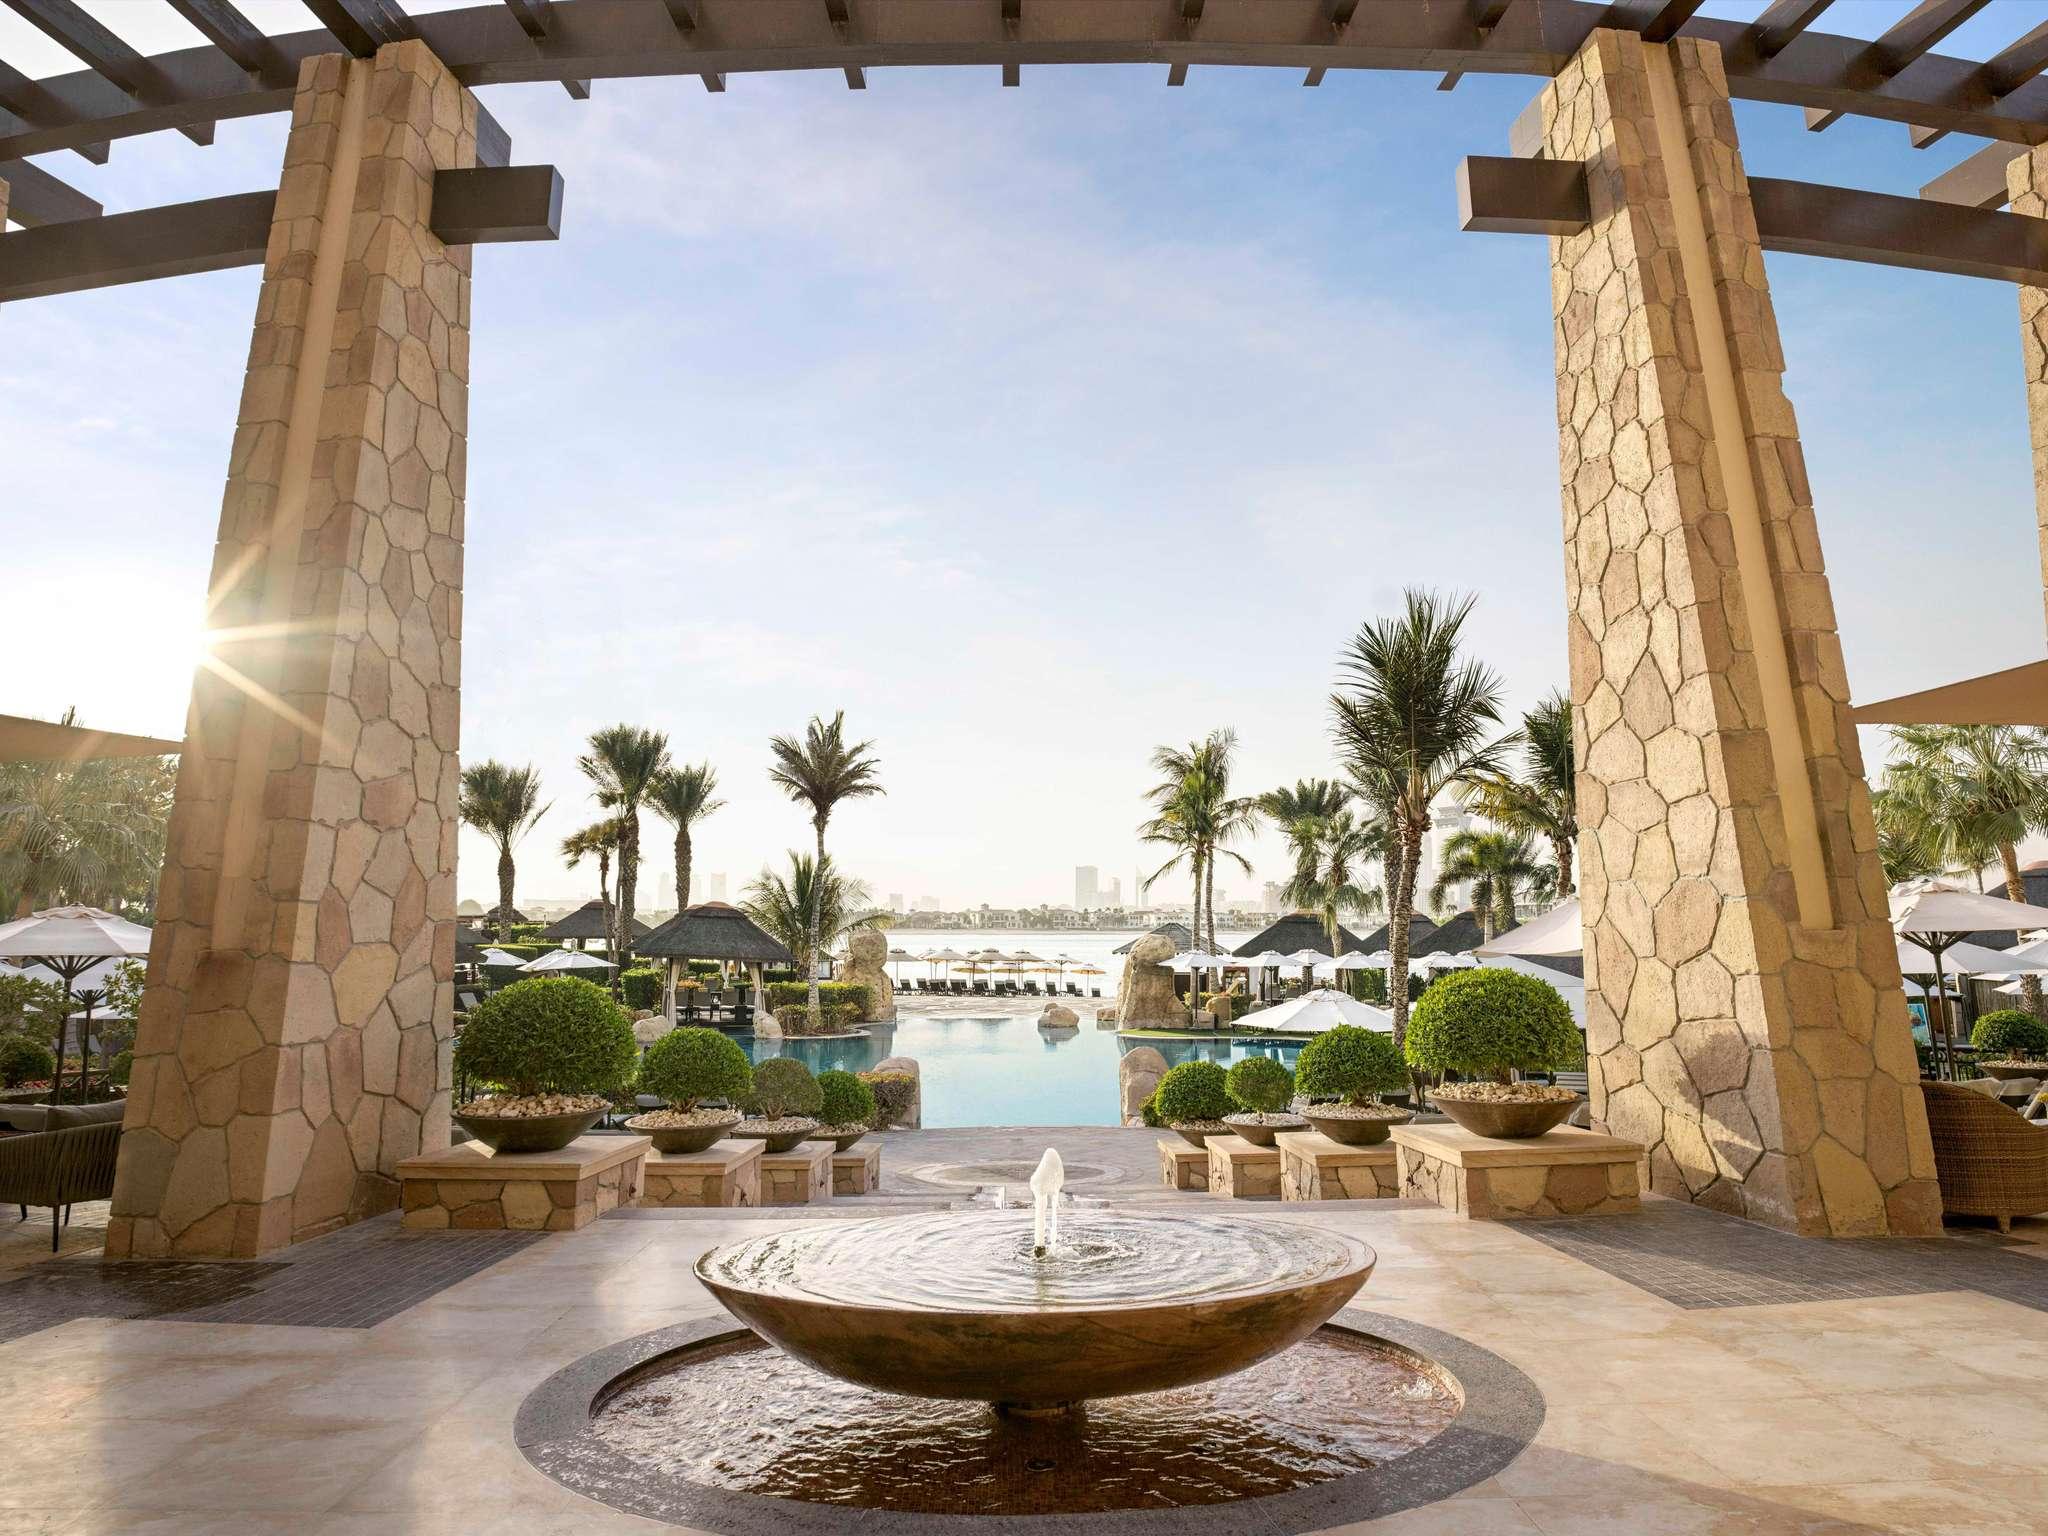 Otel – Sofitel Dubai The Palm Resort & Spa